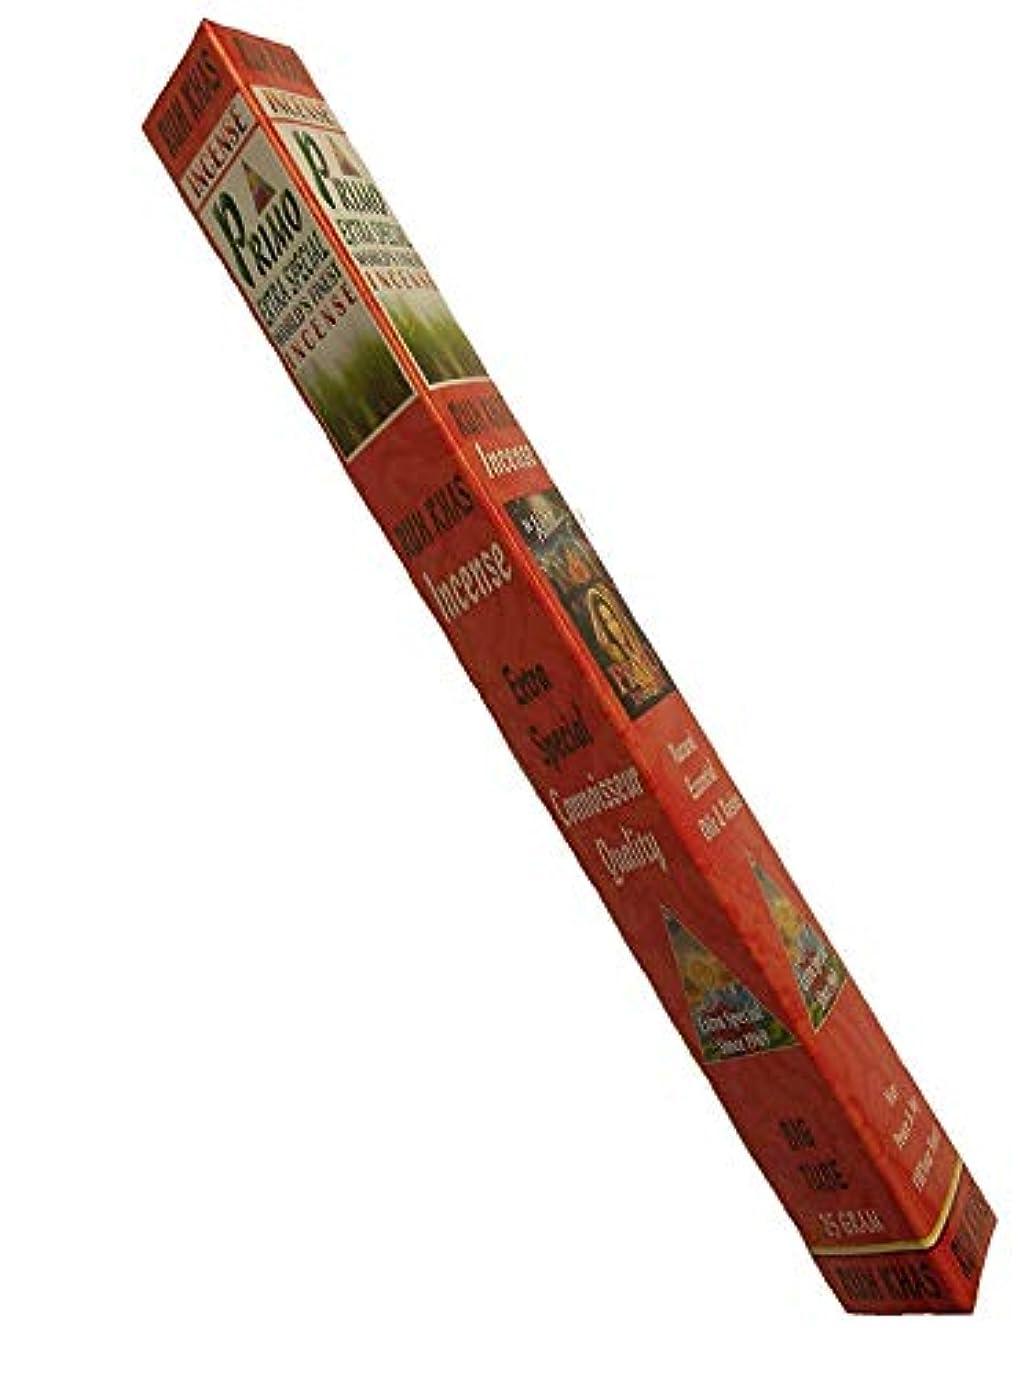 アルコールビジター電話に出るMaのインドPrimo Ruh Khus Incense Sticks